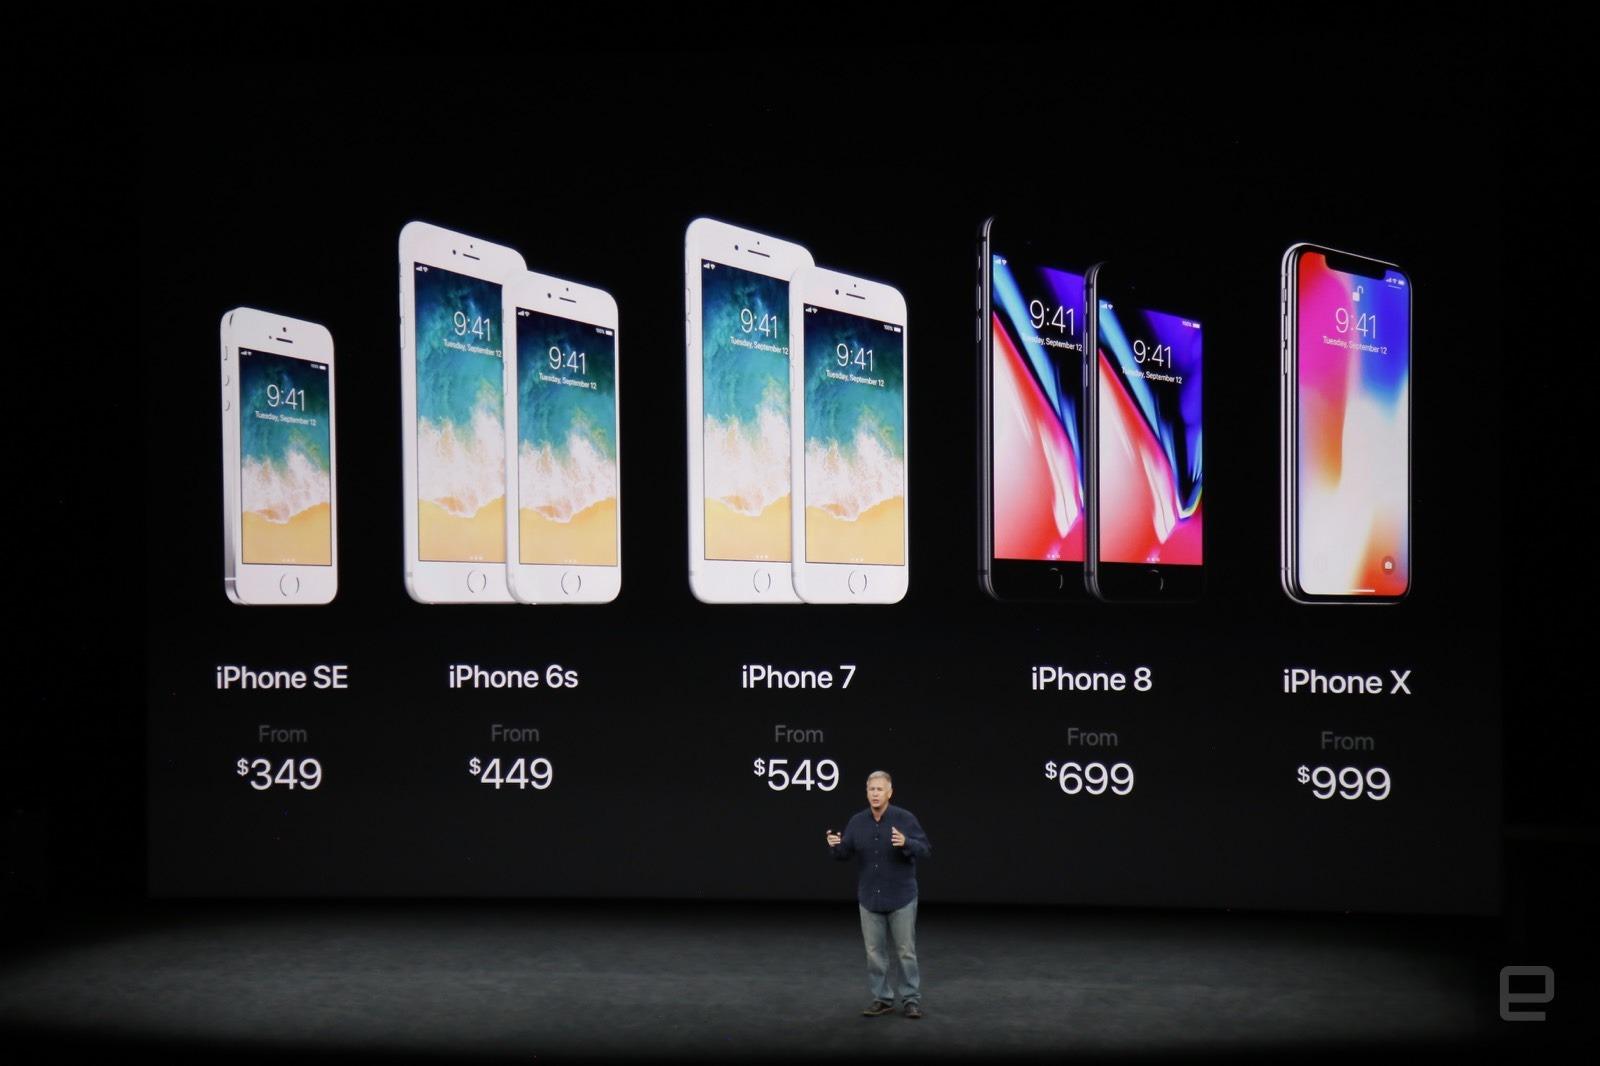 Apple a lansat nouă generație de telefoane. Vedeta e iPhone X